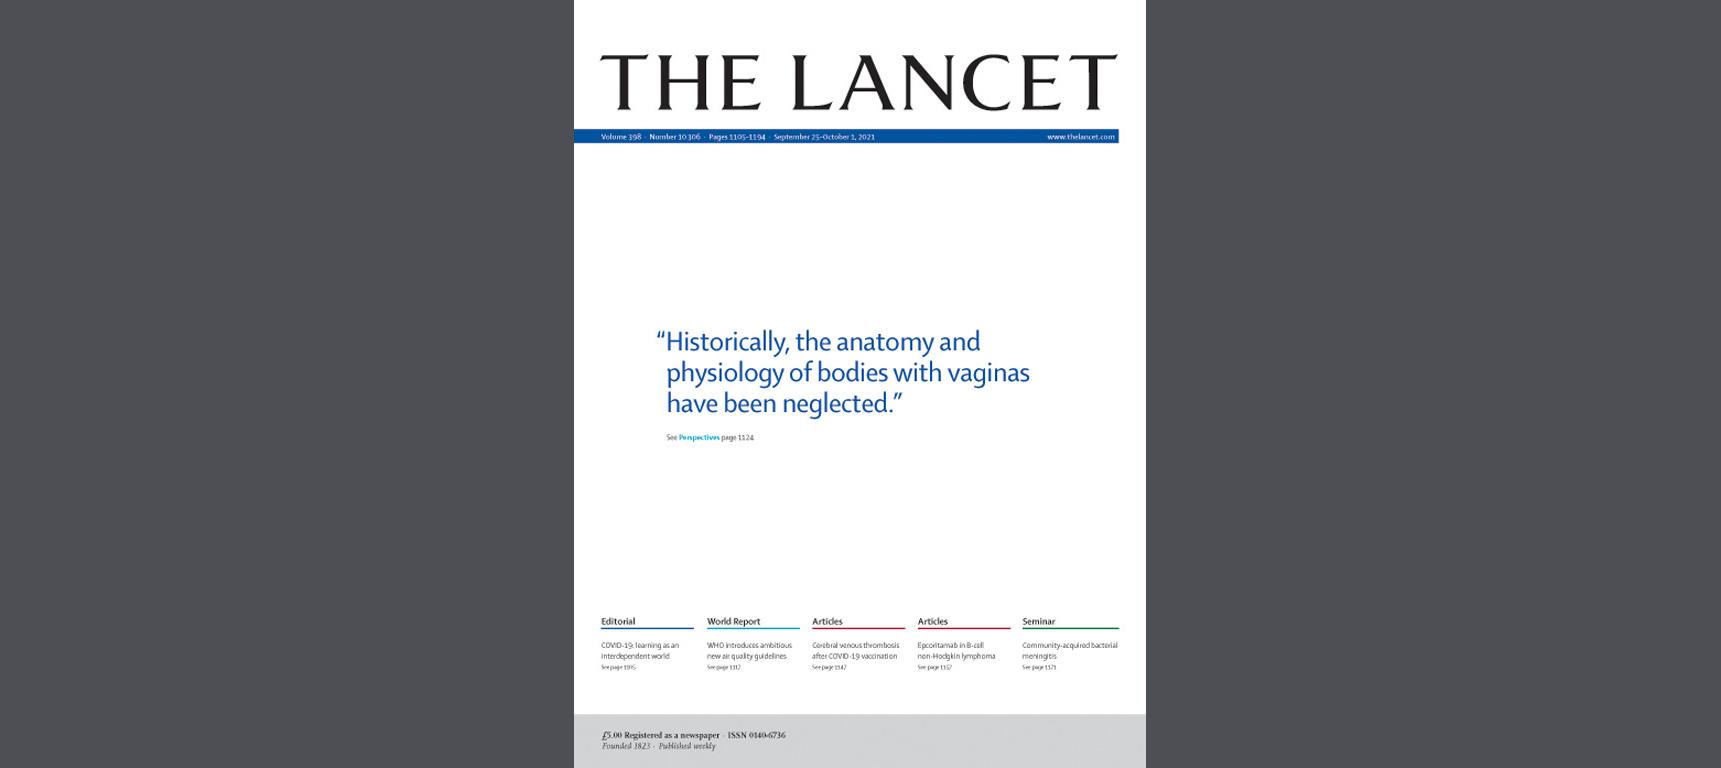 «Тела свагинами»: как The Lancet пытался необидеть трансгендеров, но обидел вообще всех